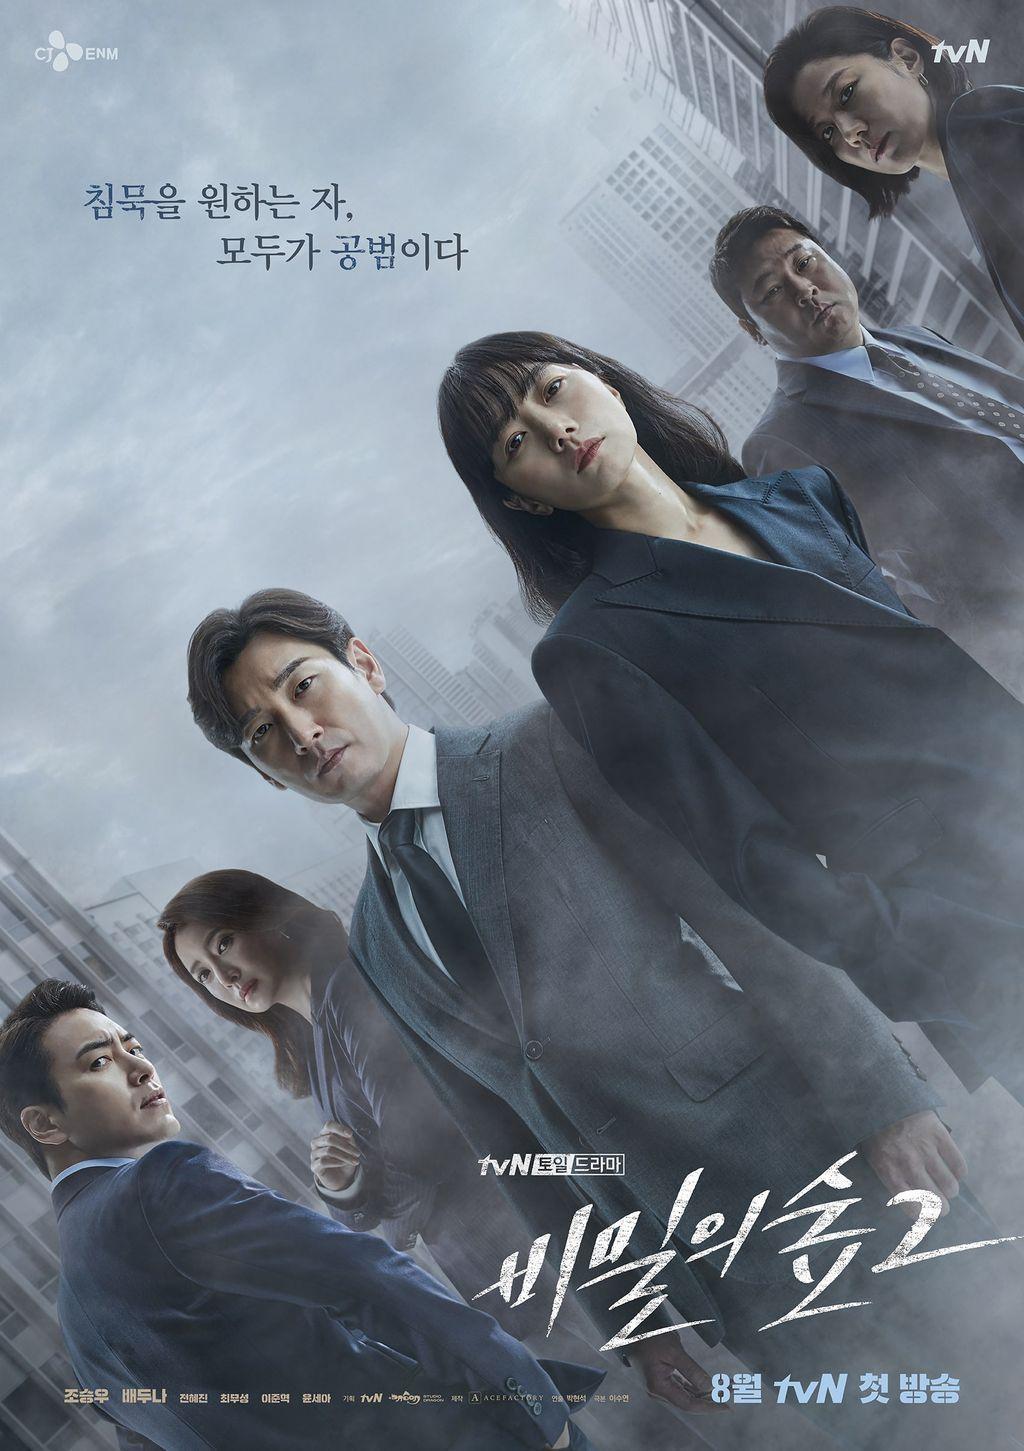 Deretan drama Korea ini mencetak rekor di stasiun televisi kabel Korea. Dengan pilihan genre romantis, komedi, hingga thriller, kamu tak perlu menunggu-nunggu penayangan episode terbarunya. Stranger 2.